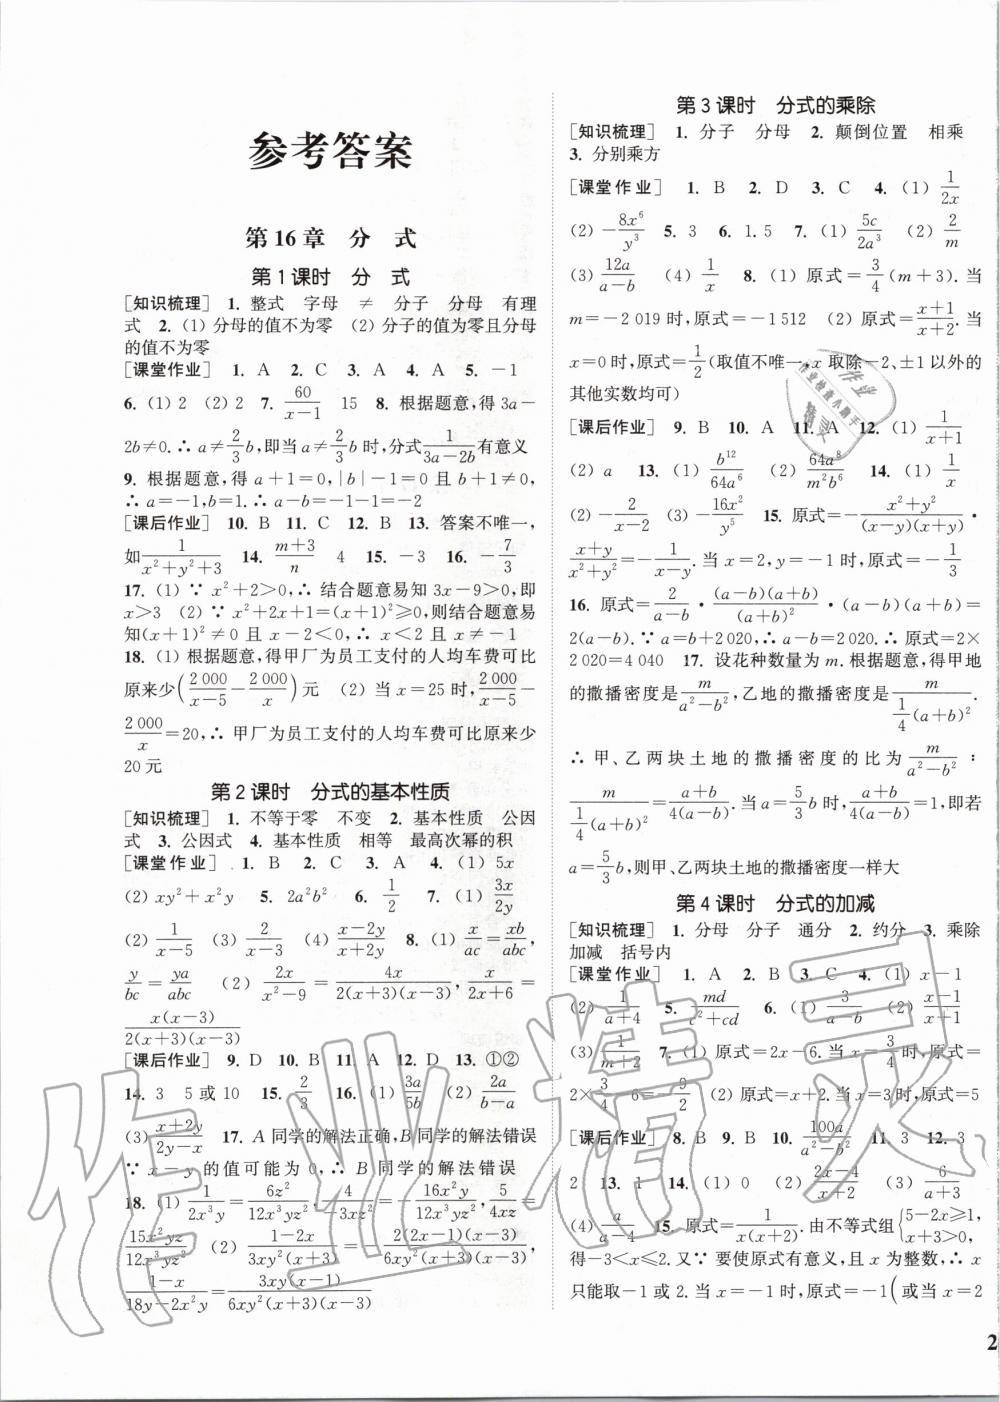 2020年通城学典课时作业本八年级数学下册华师版第1页